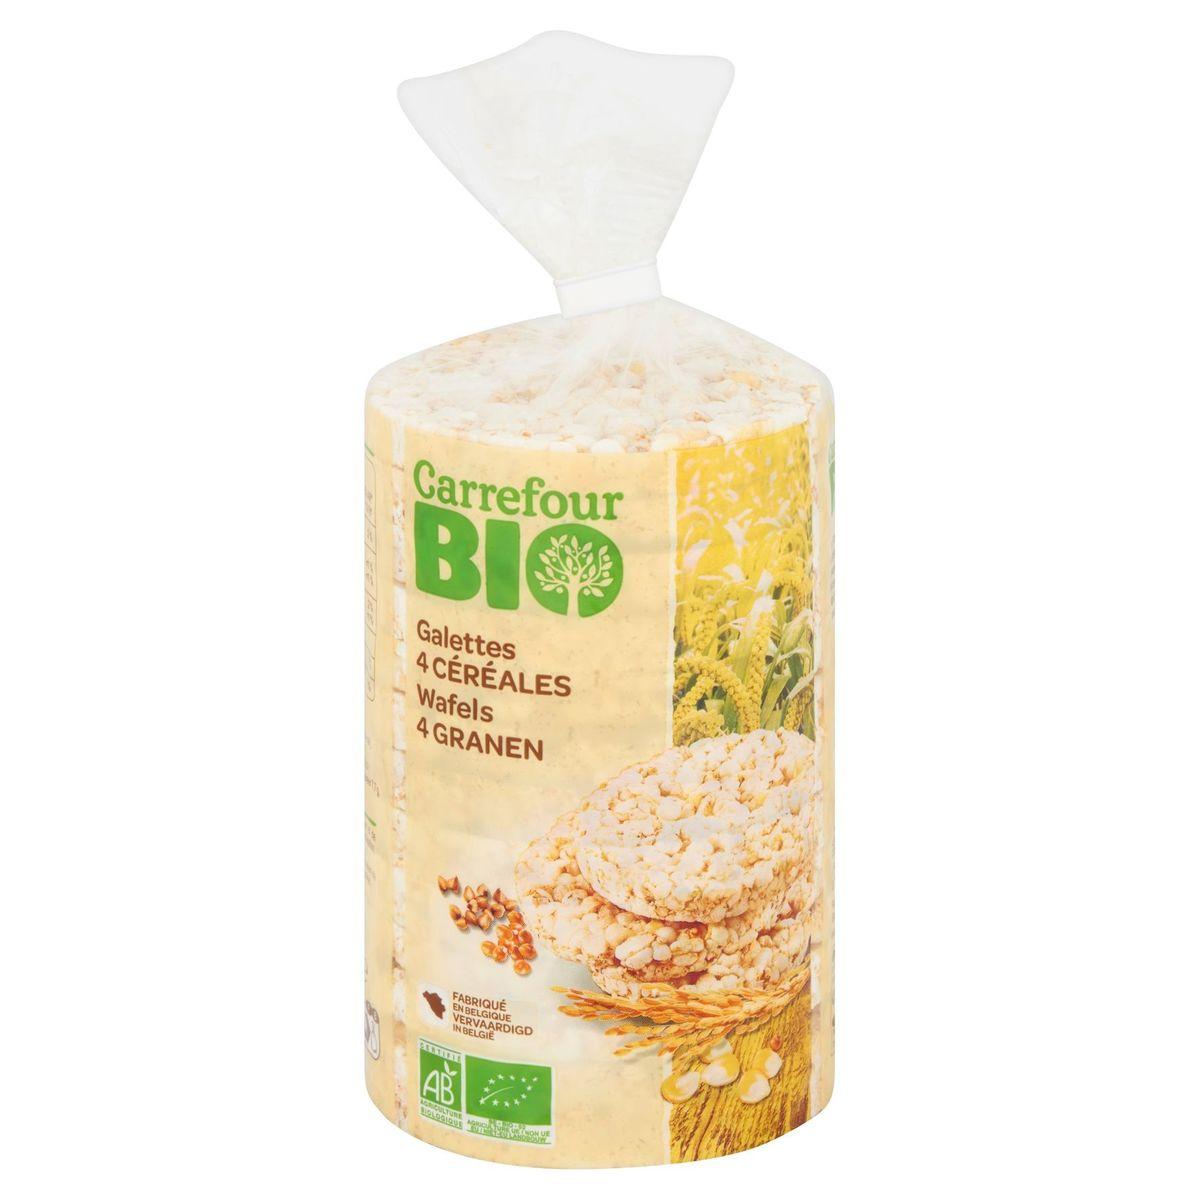 Carrefour Bio Galettes 4 Céréales 100 g